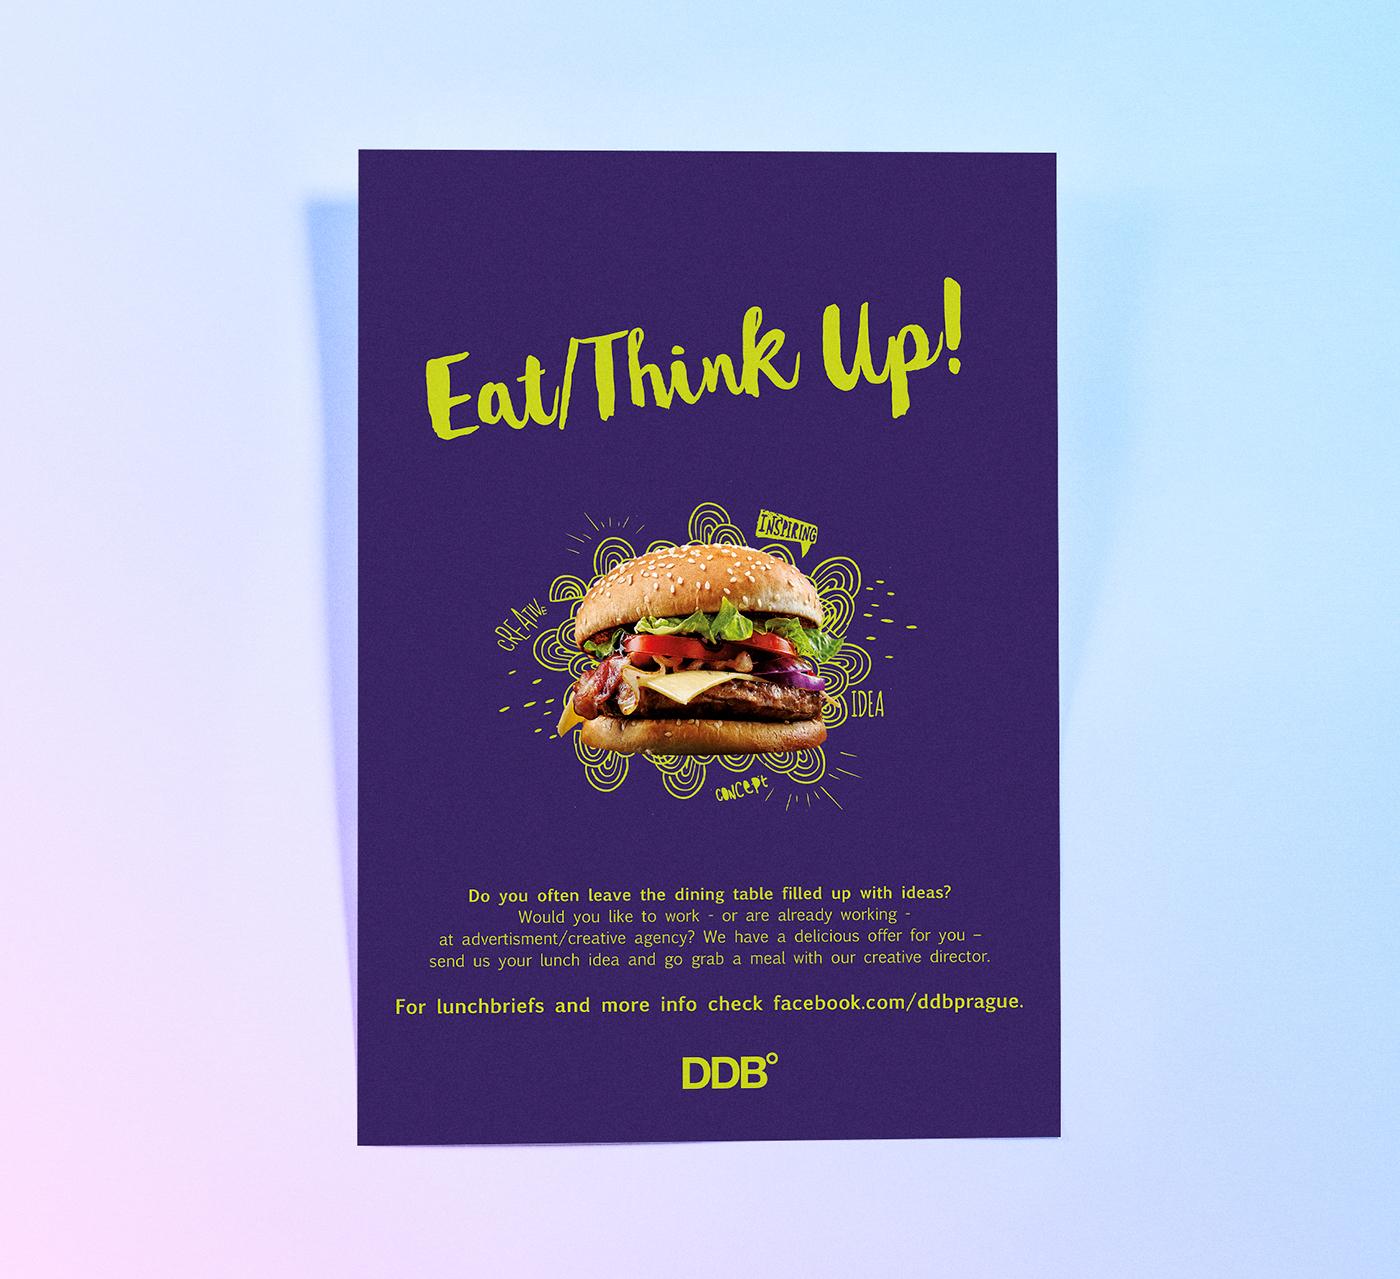 poster quảng cáo đồ ăn